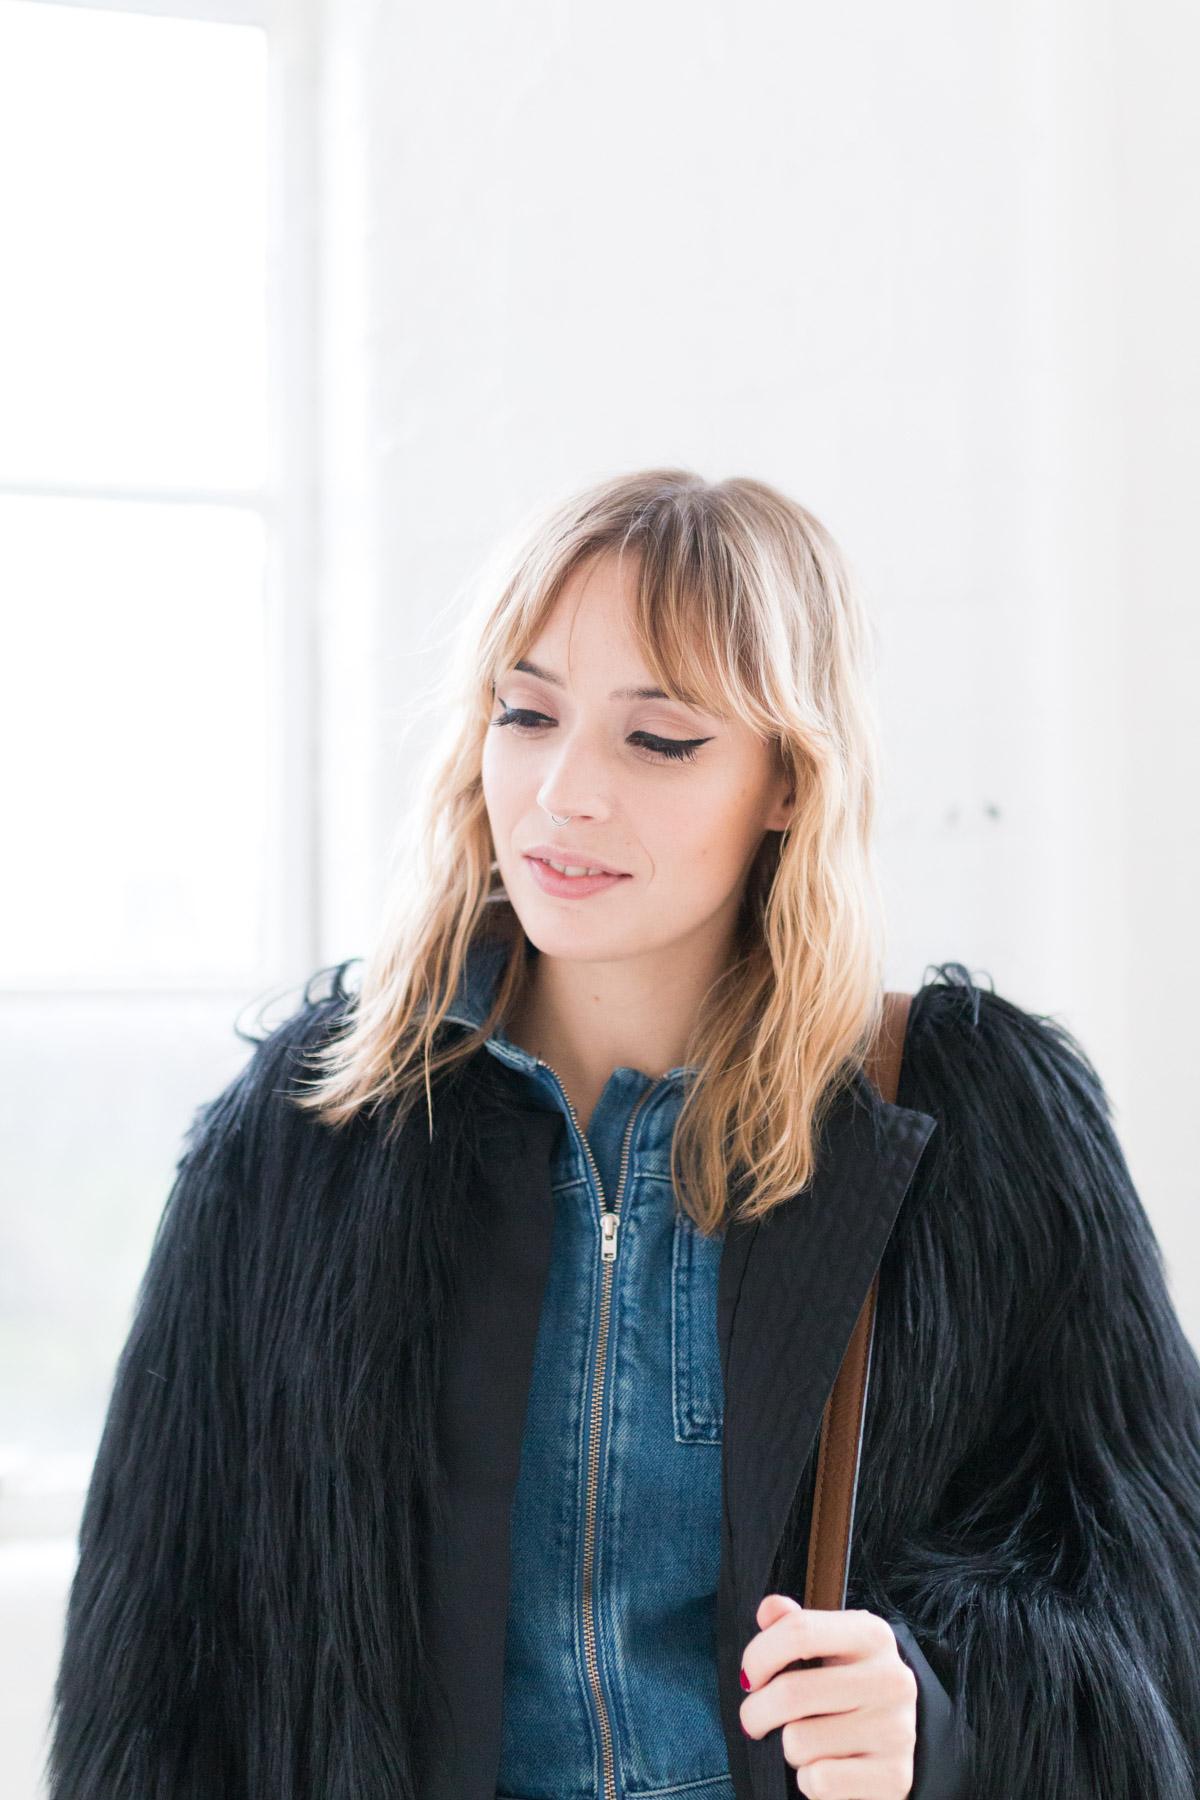 Combinaison en jean et manteau fausse fourrure I Sp4nkblog-10